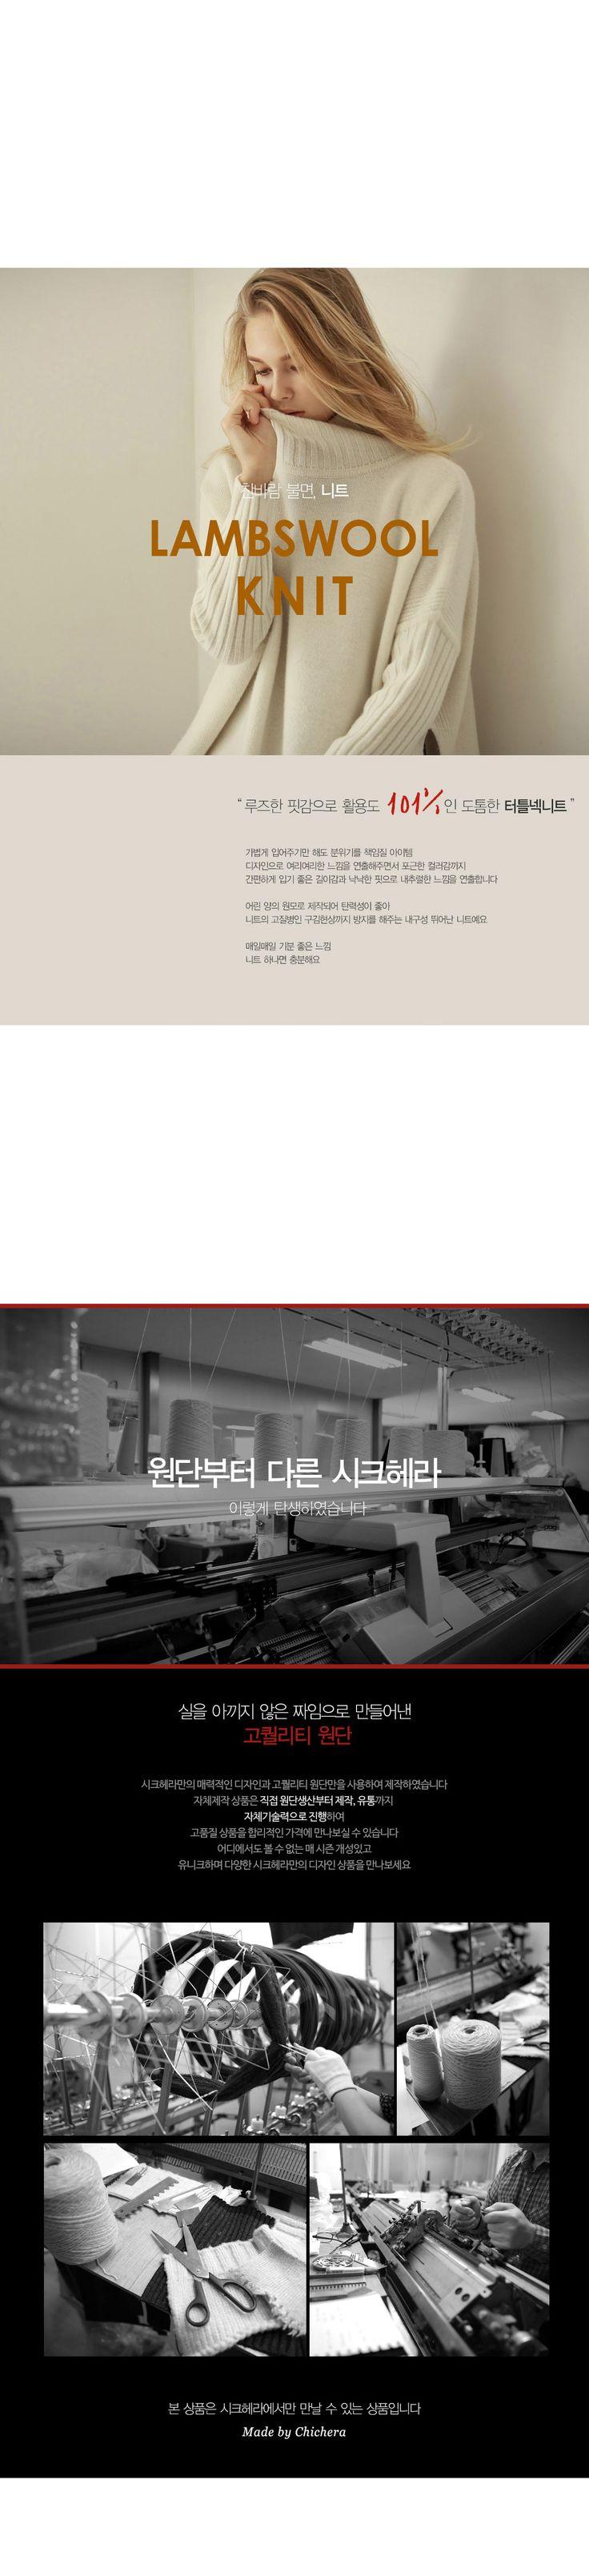 [램스울슬릿니트]